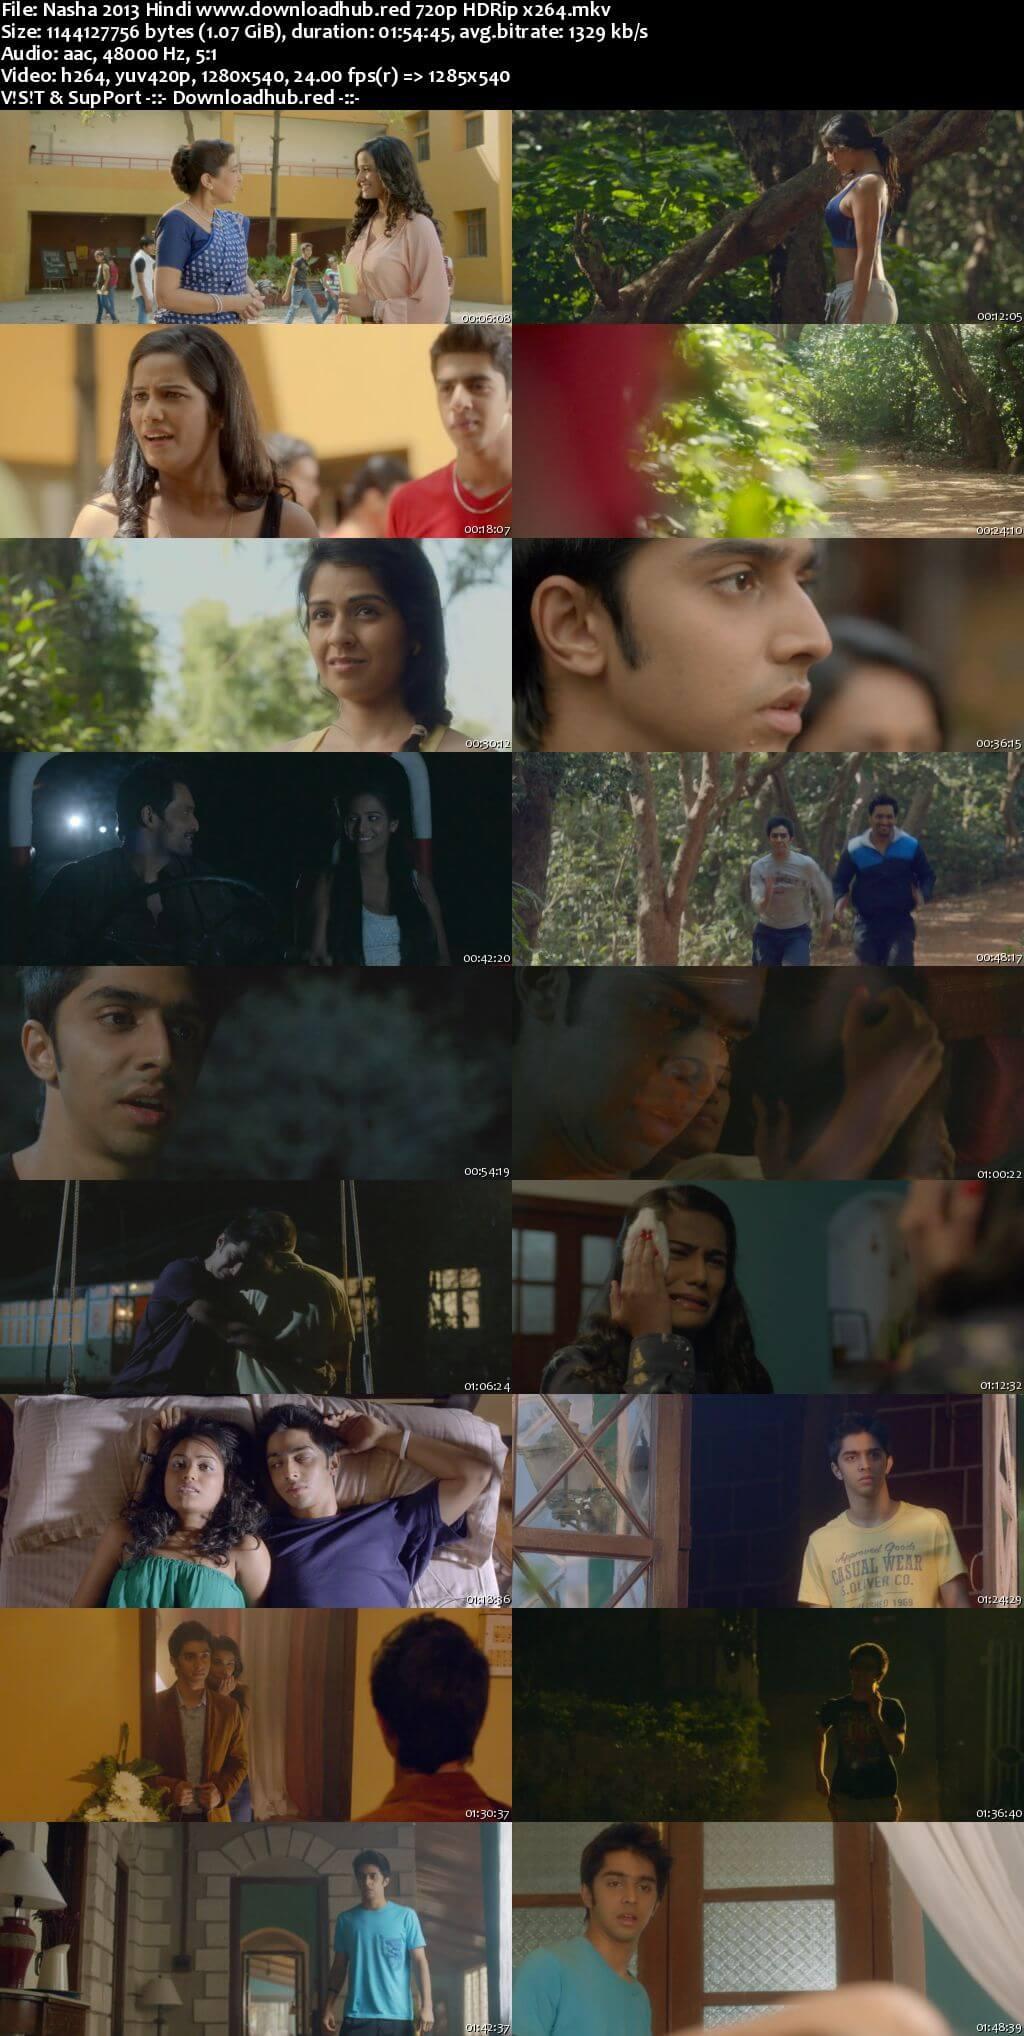 Nasha 2013 Hindi 720p HDRip x264